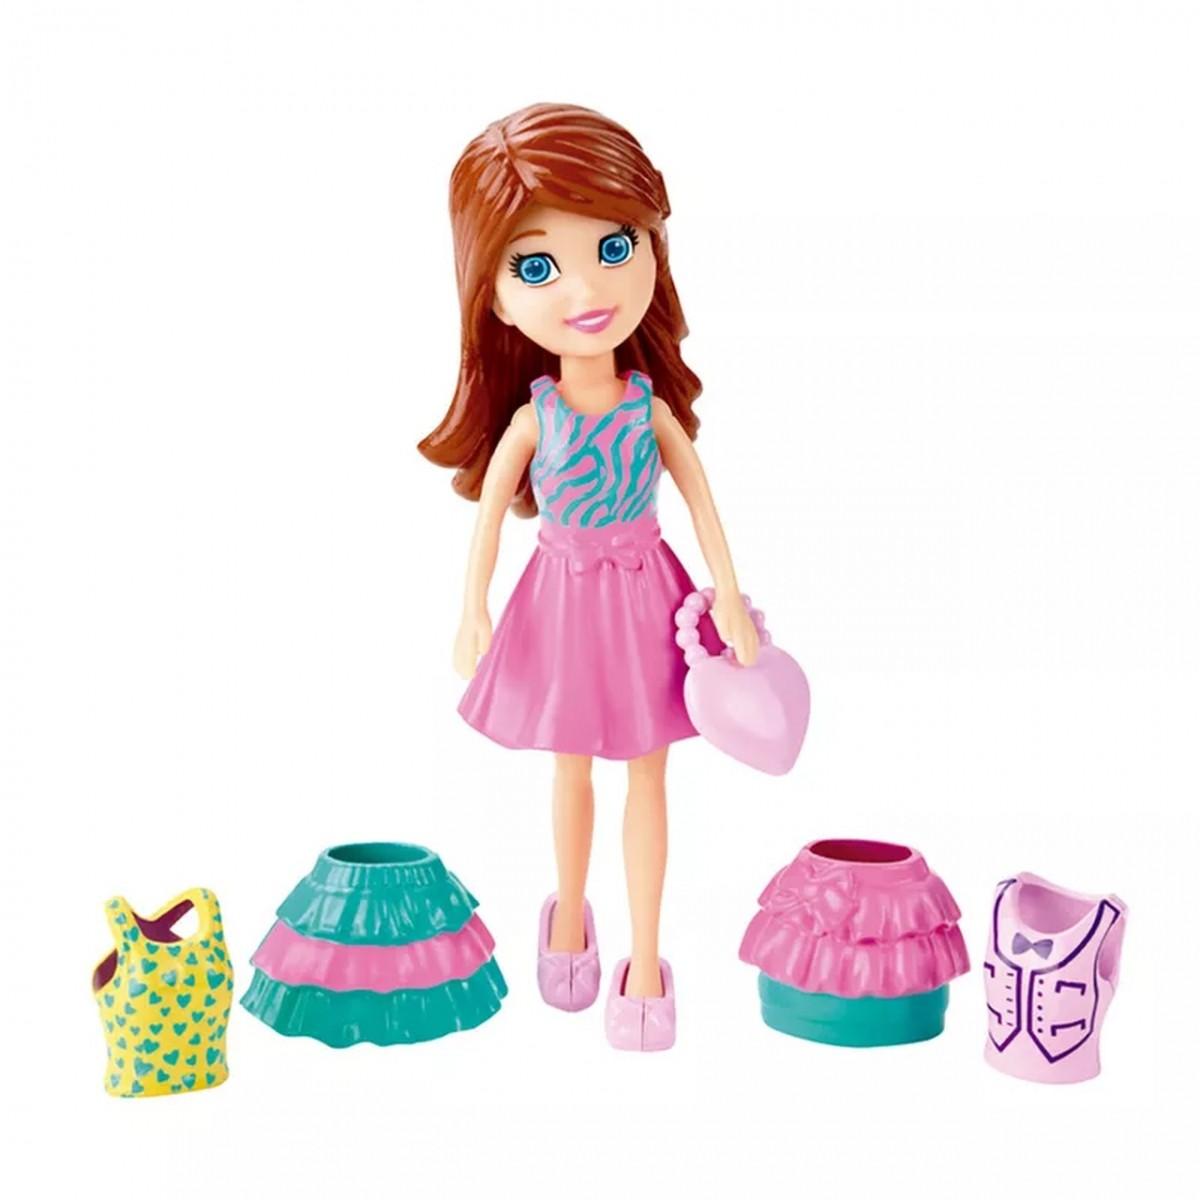 Boneca Lila com Vestido: Polly Pocket